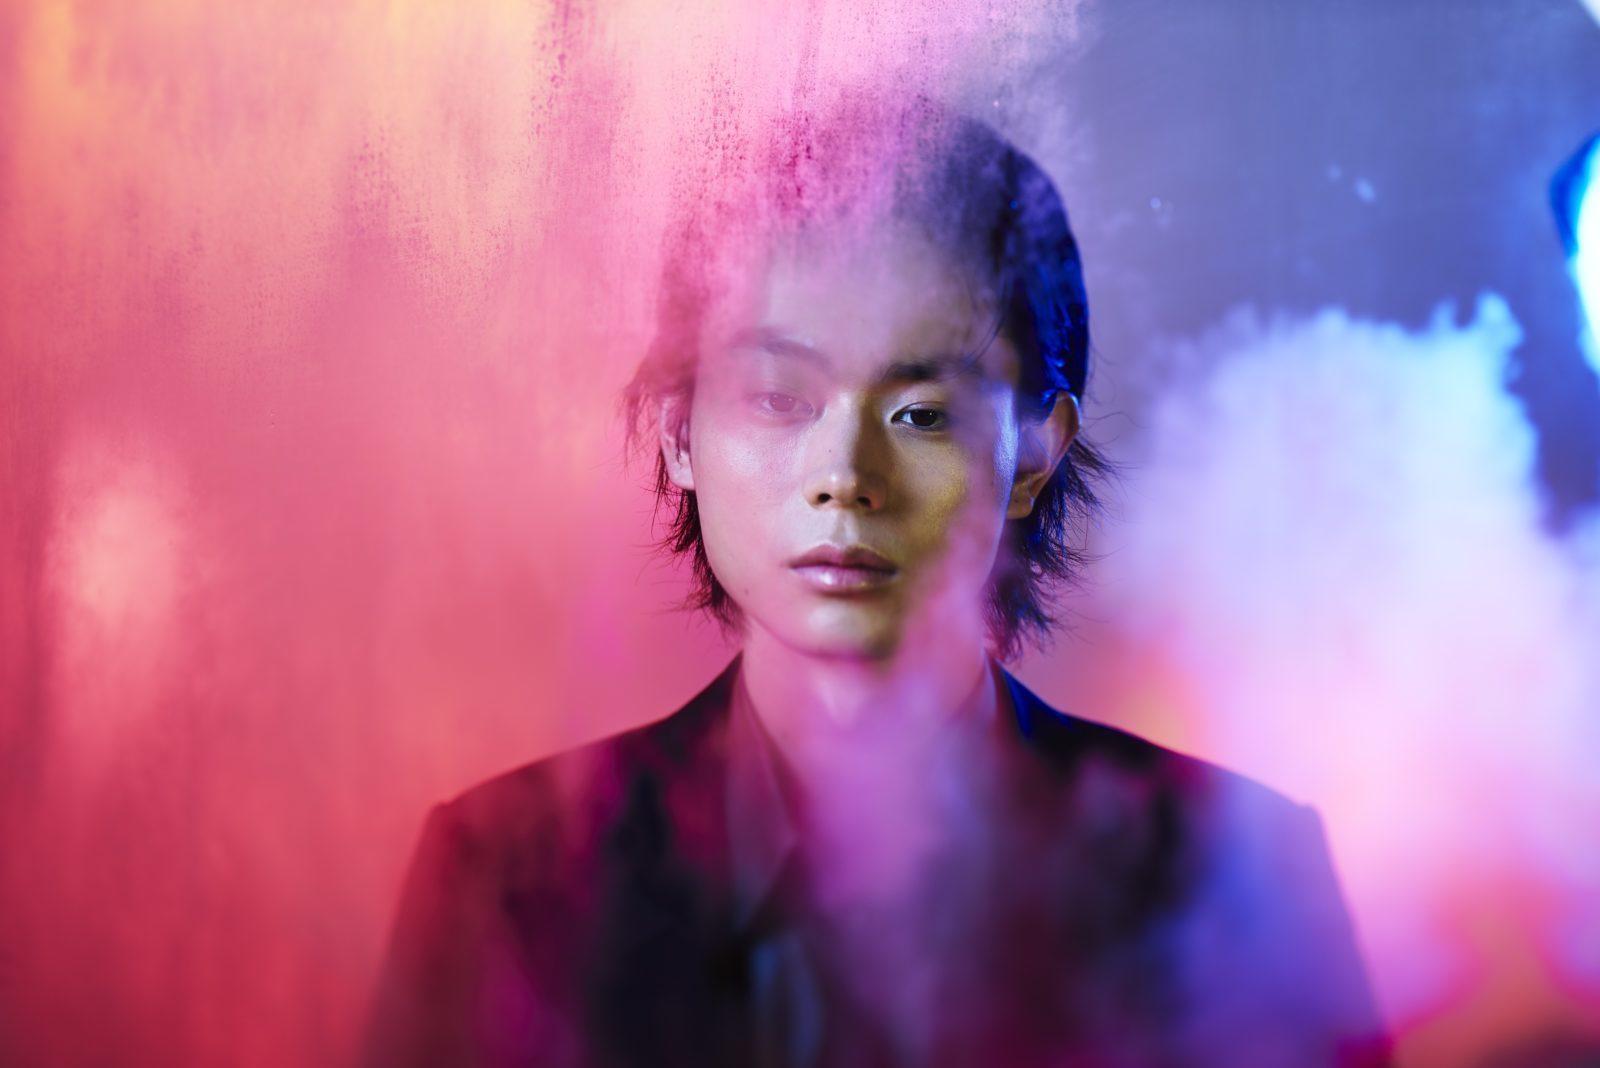 菅田将暉、大河ドラマで共演中の阿部サダヲの印象は「なんやコイツ」?サムネイル画像